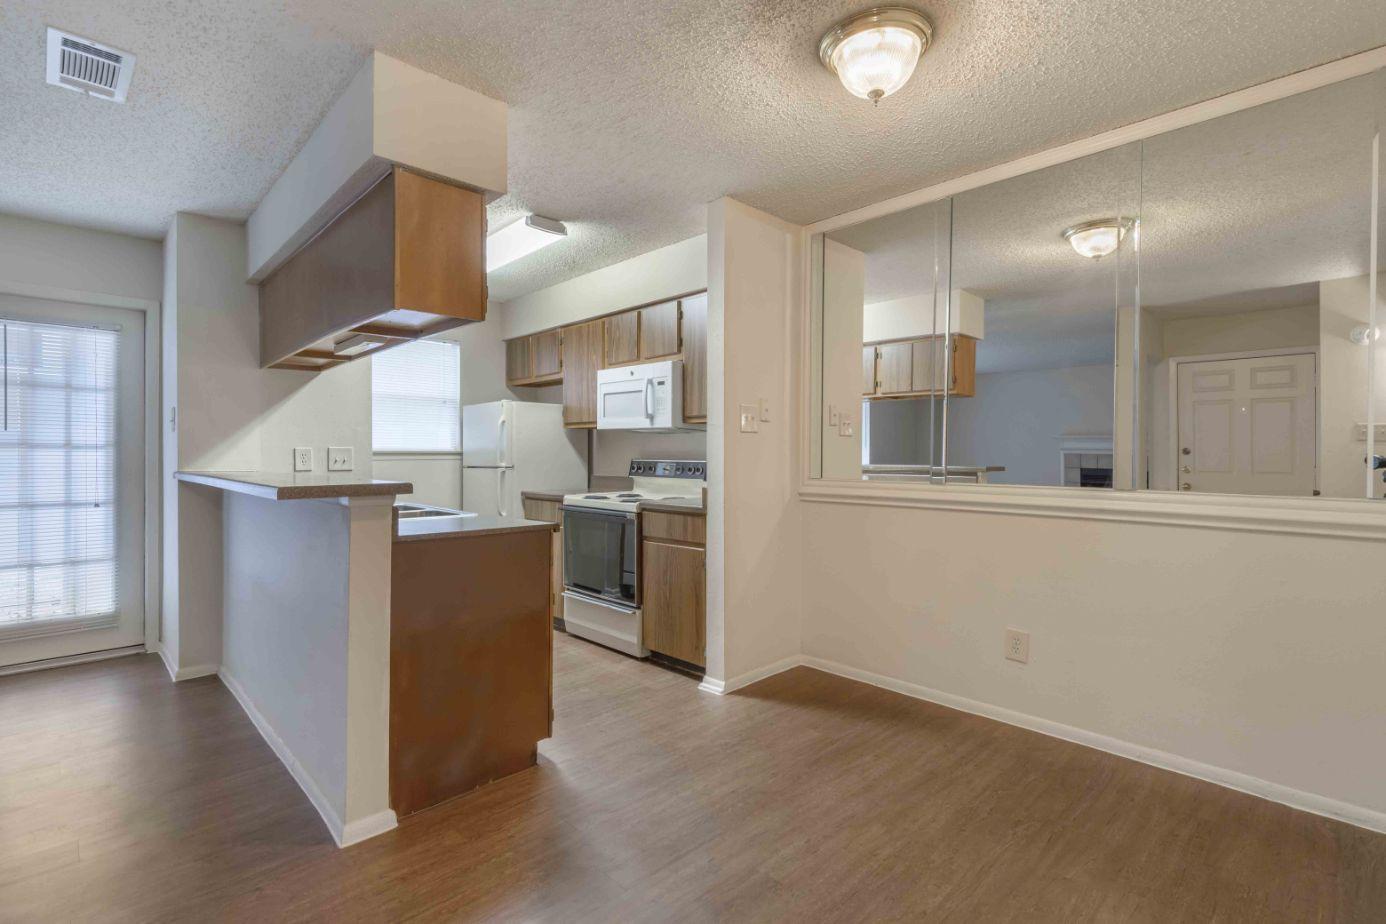 Costa Del Sol Apartments for rent